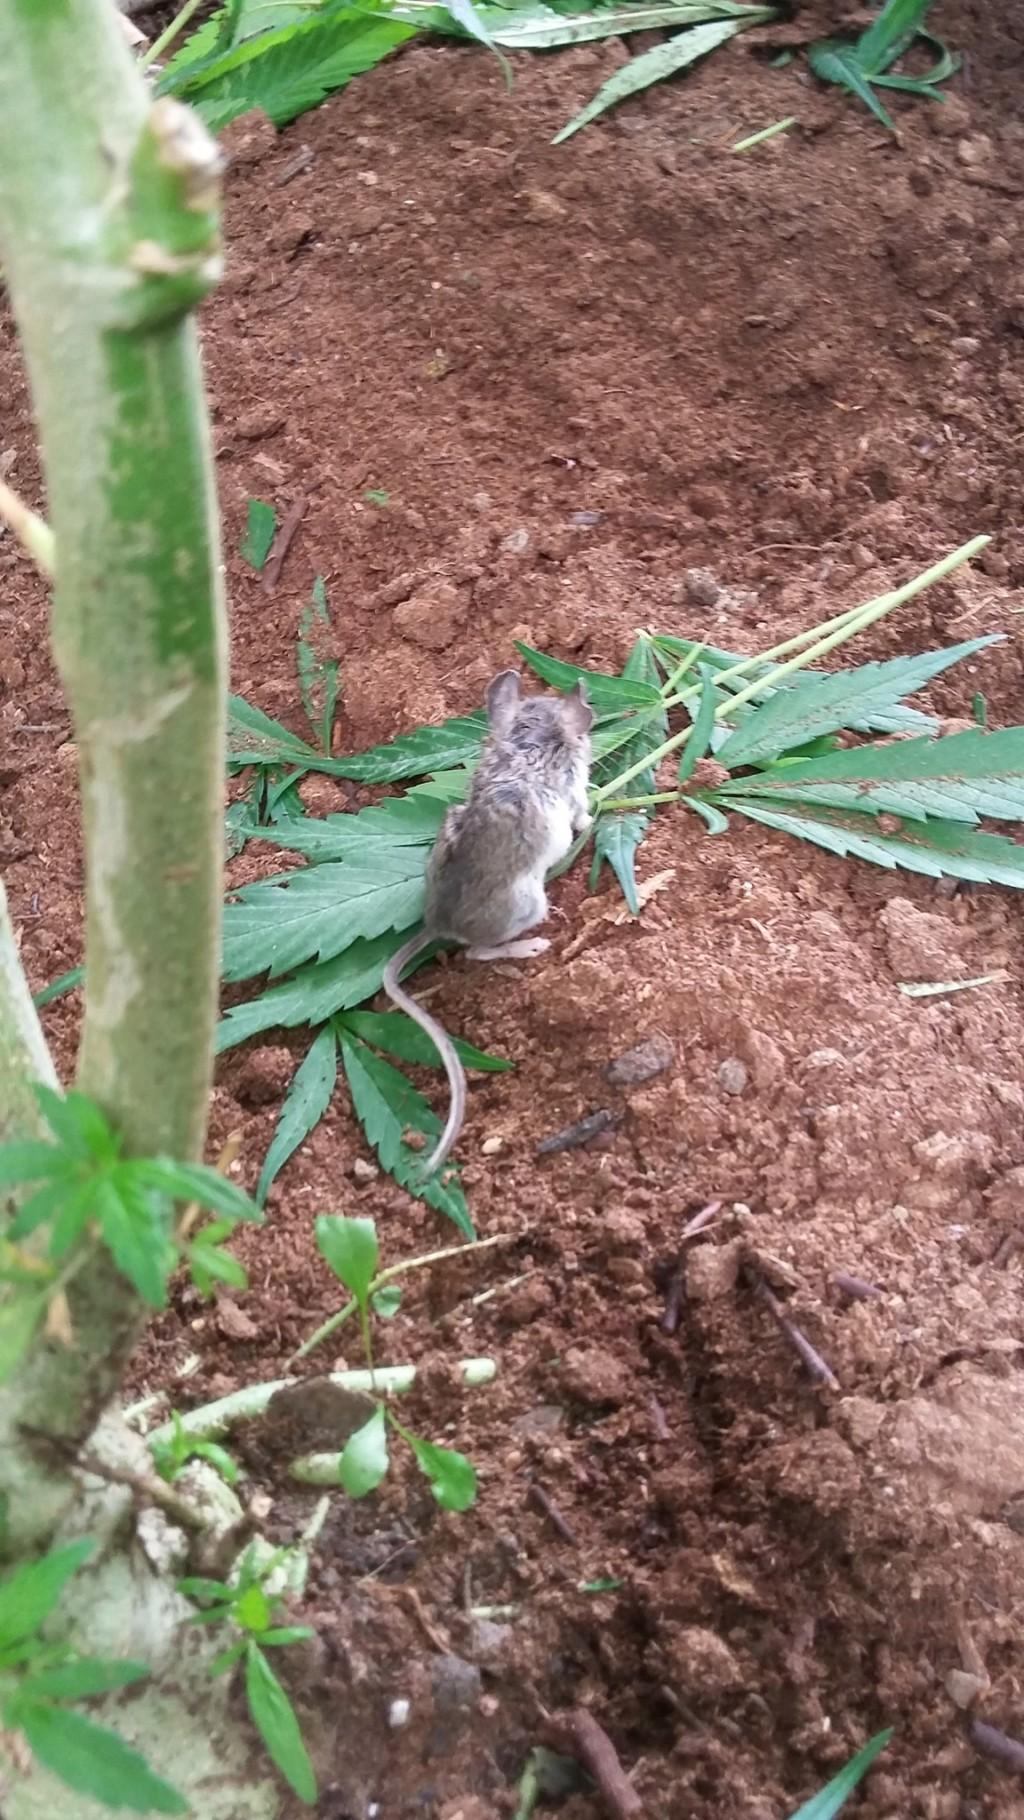 老鼠「偷嗑神仙草」嗨到ㄎㄧㄤ 網友「幫牠勒戒6天」迎來新鼠生